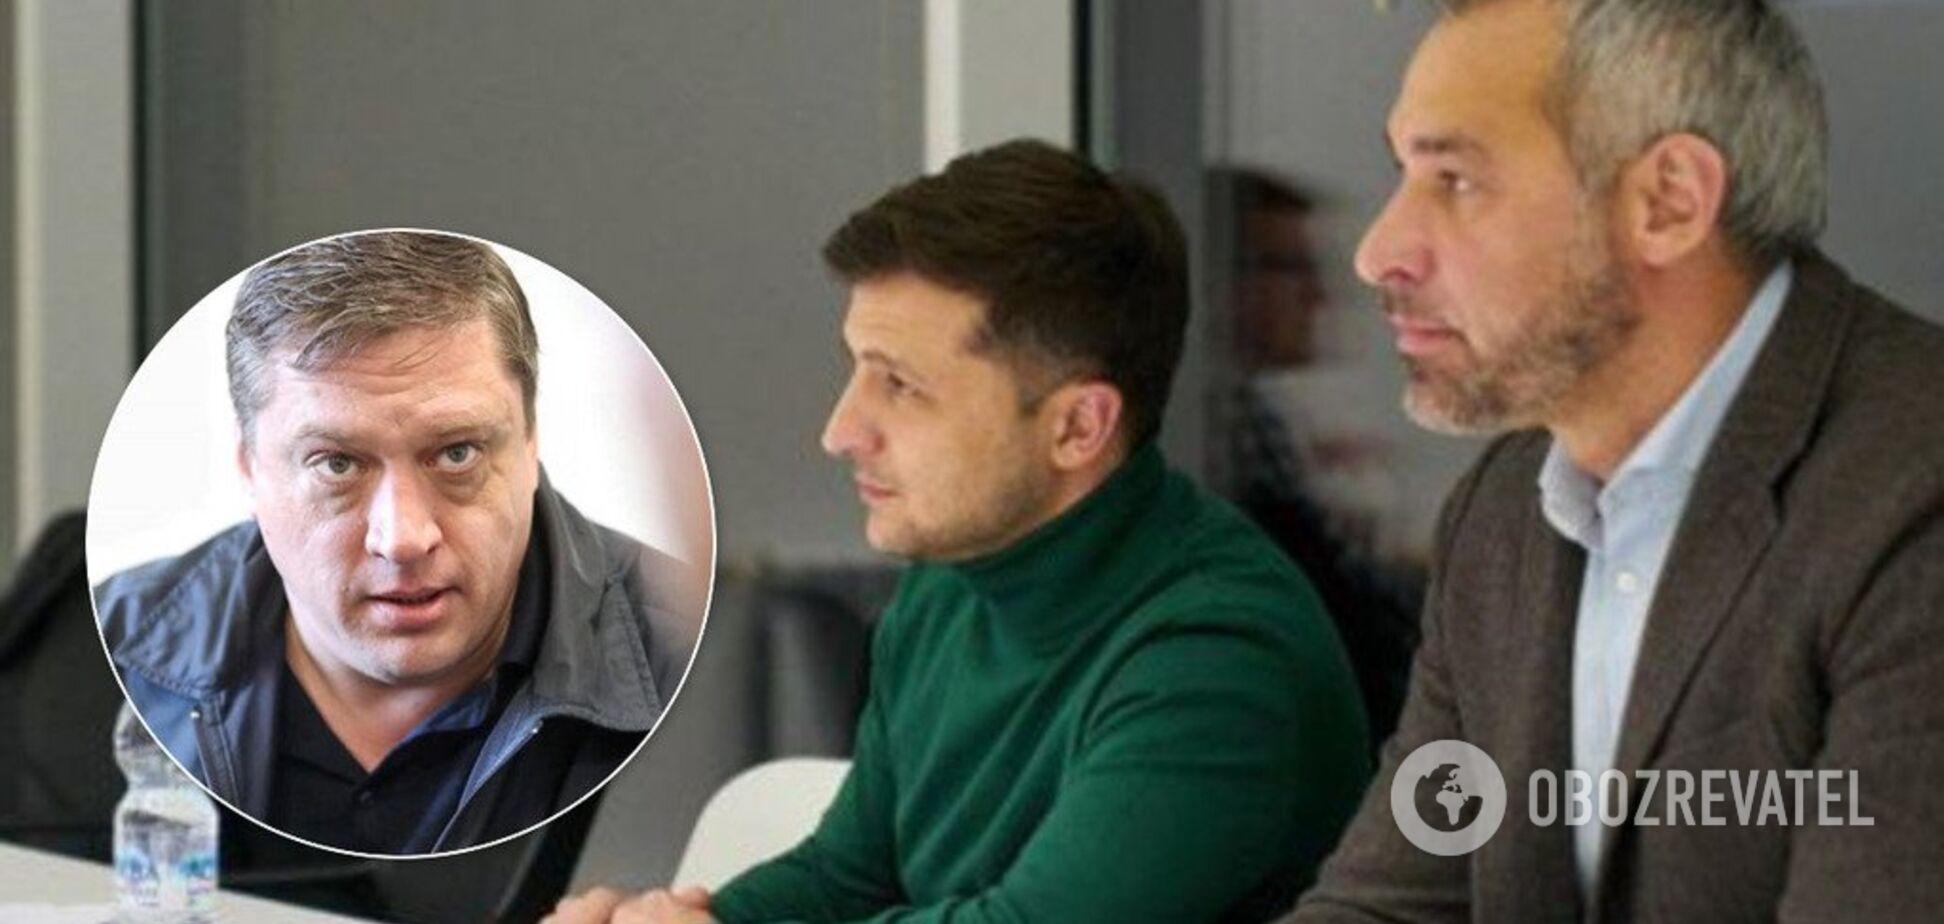 ГПУ и Зеленский отреагировали на скандал со 'слугой'-педофилом: все подробности